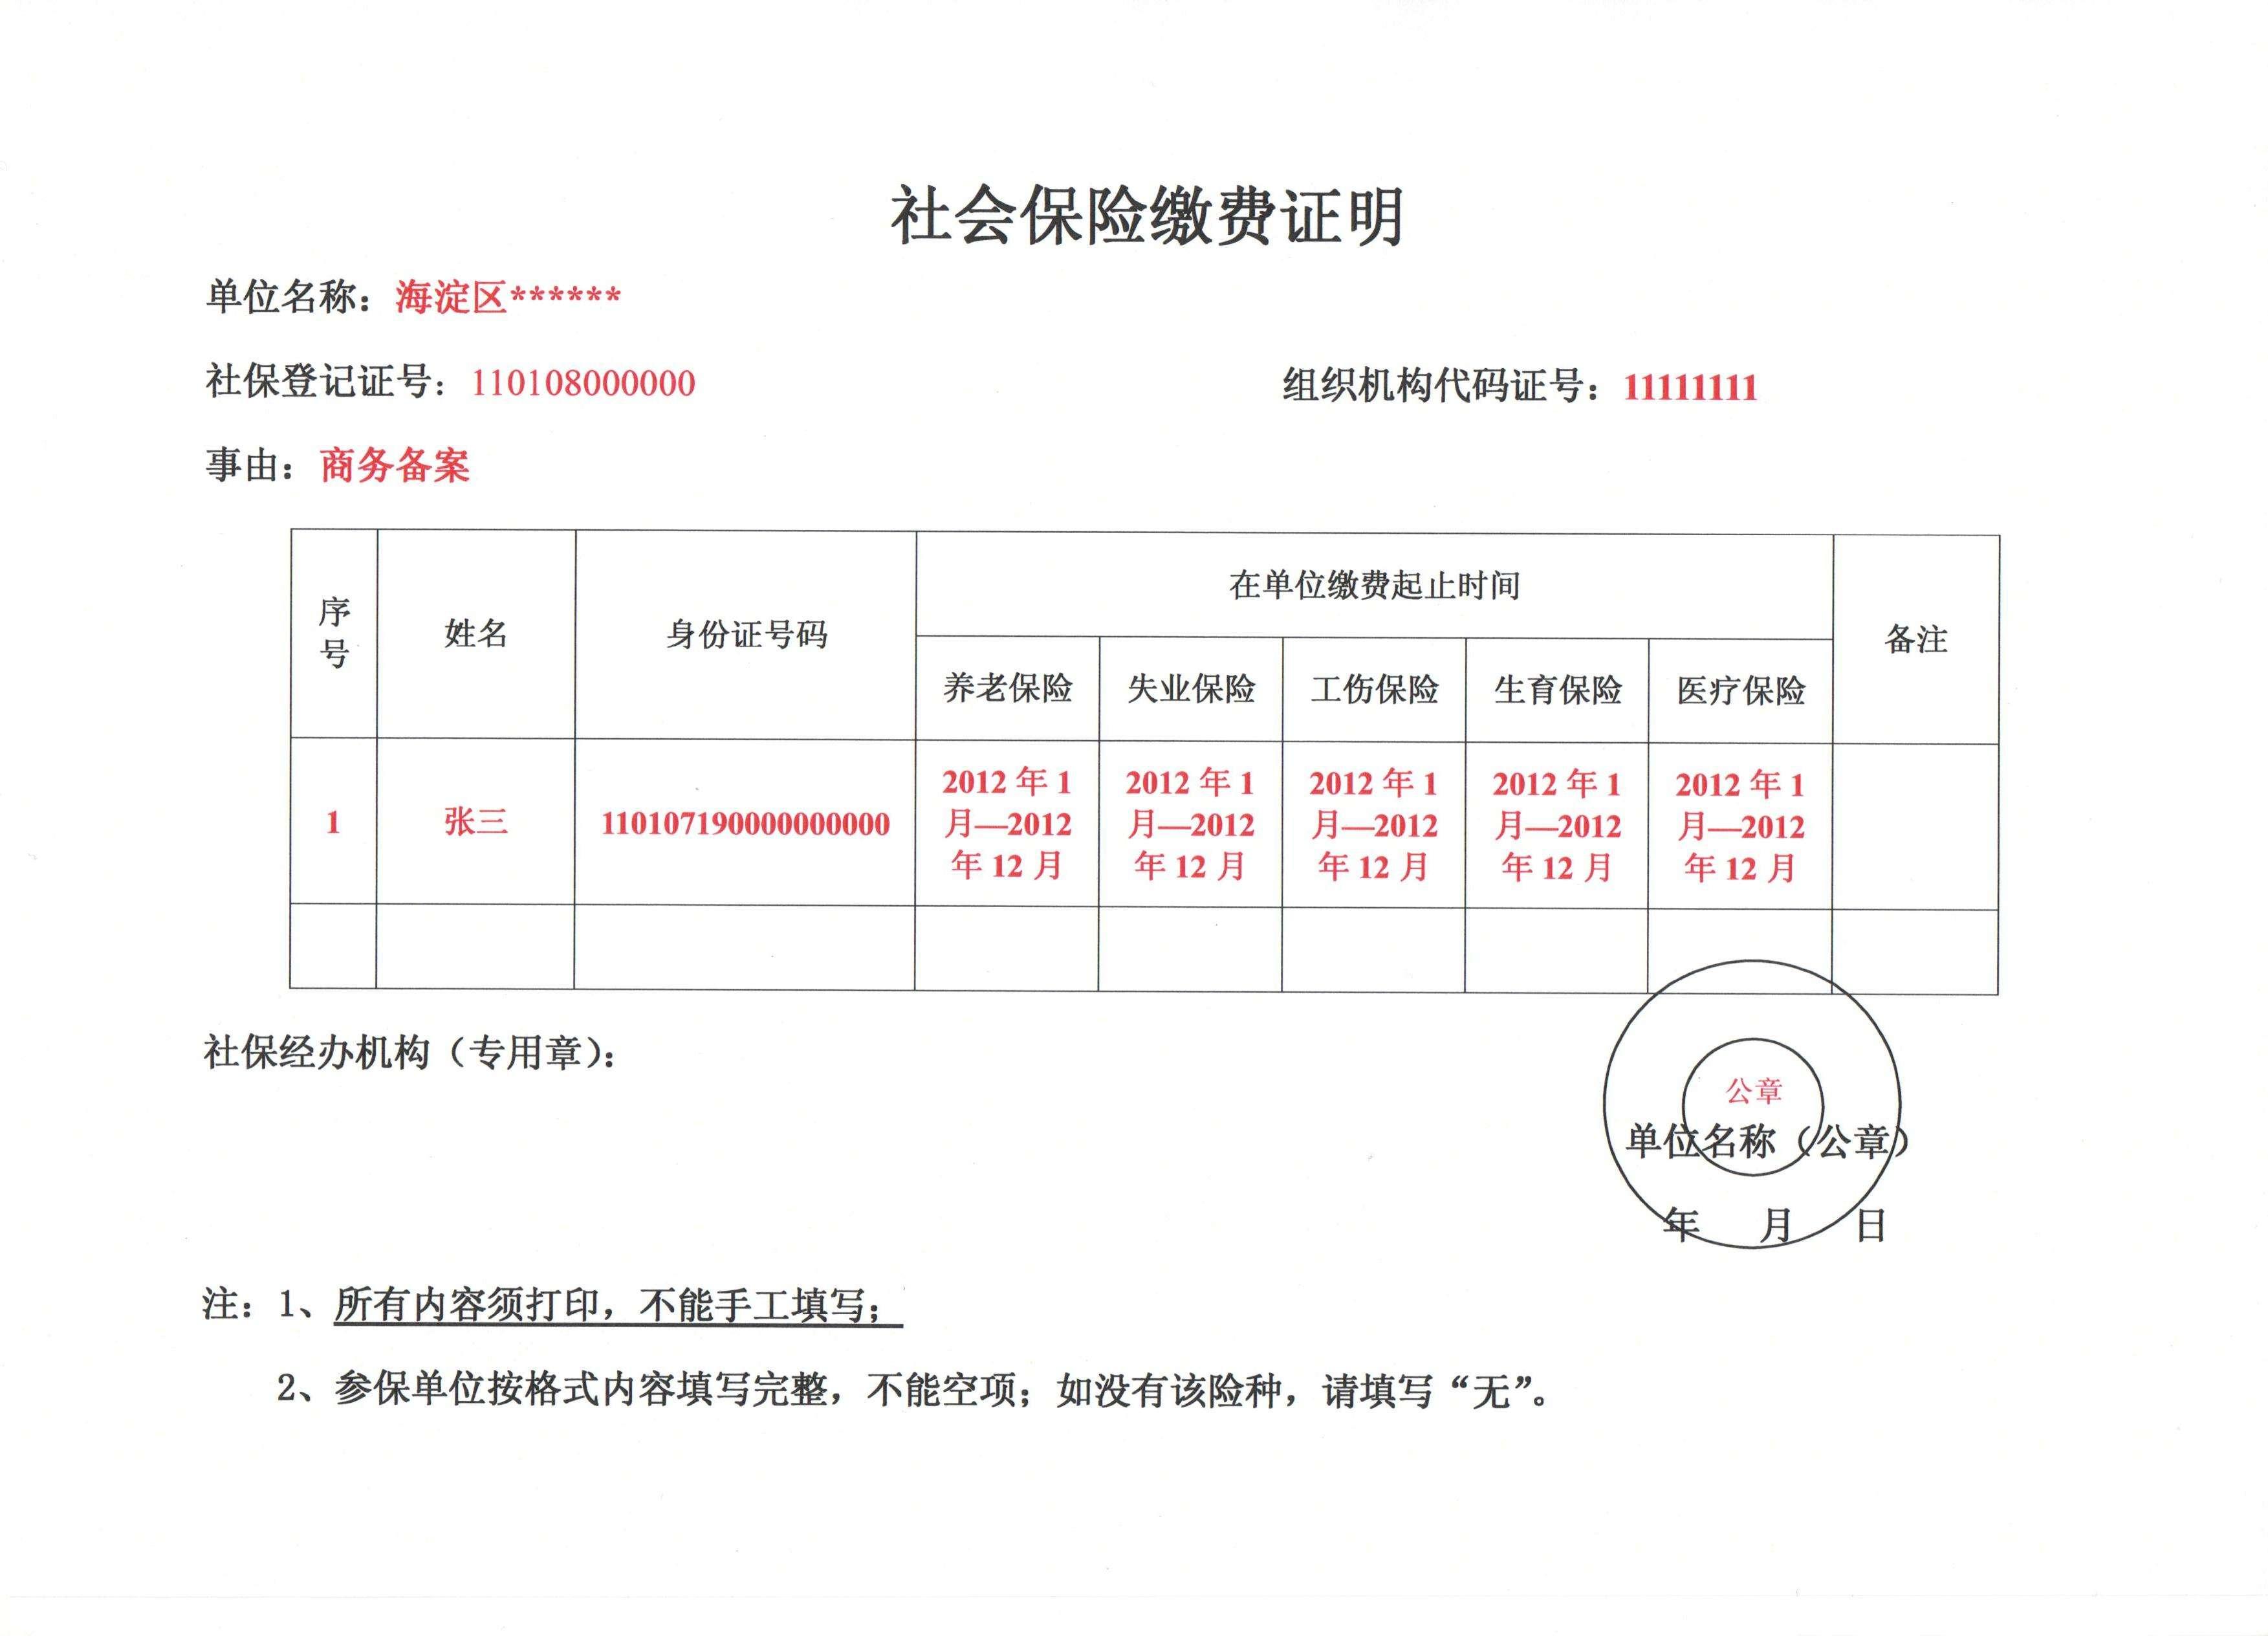 员工办社保要交的材料 南京张成亮律师 精彩语音问答 法妞问答